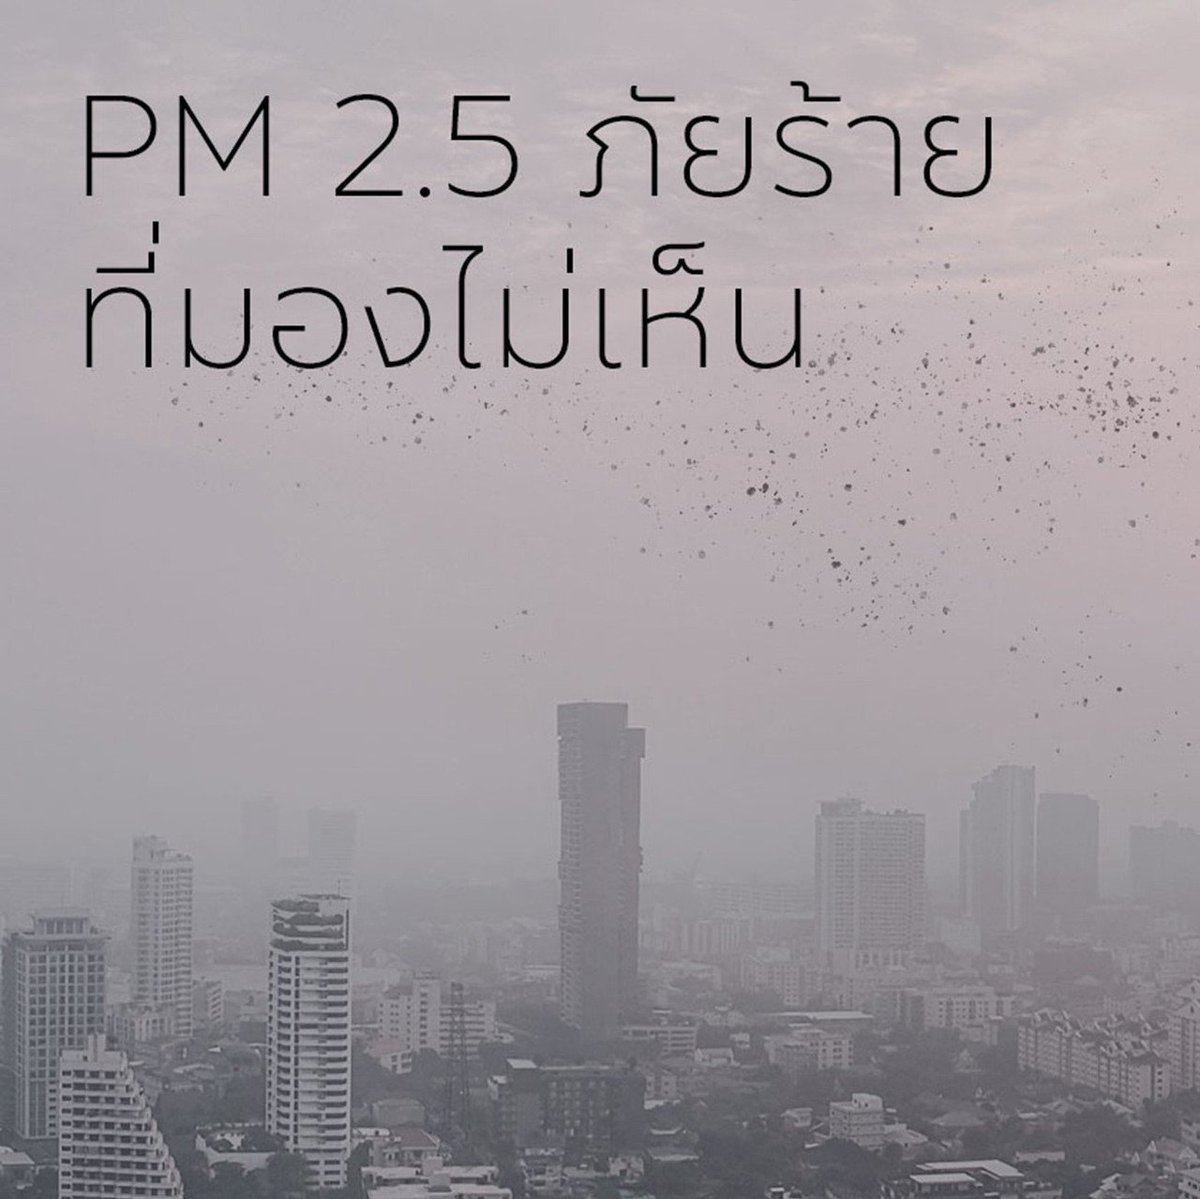 ฝุ่นละออง PM2.5 คืออะไร…แล้วเราควรรับมืออย่างไรกับภัยร้ายที่มองไม่เห็นนี้ พบคำตอบได้ที่นี่ http://wu.to/pccGhd #UnileverNetwork #BerriesPowers #GlutaOrange #Sunscreen #Gluta #PM2.5 #InvisibleThreats #HealthyImmunity